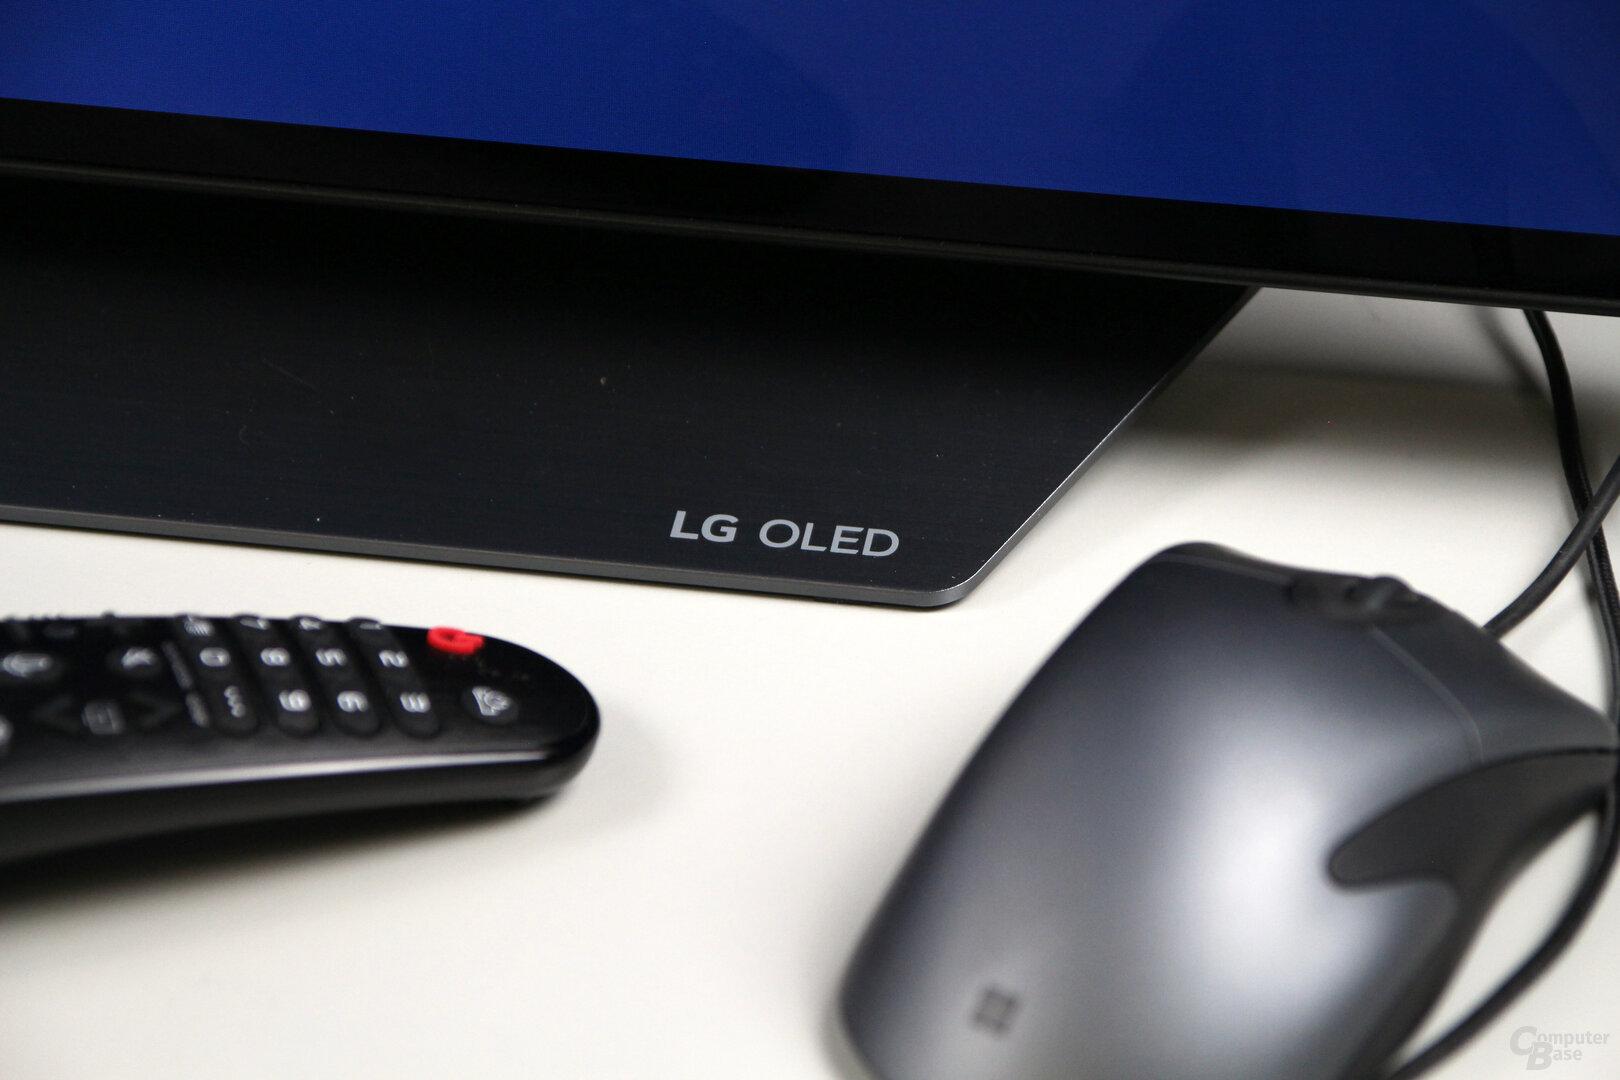 LG OLED 48CX